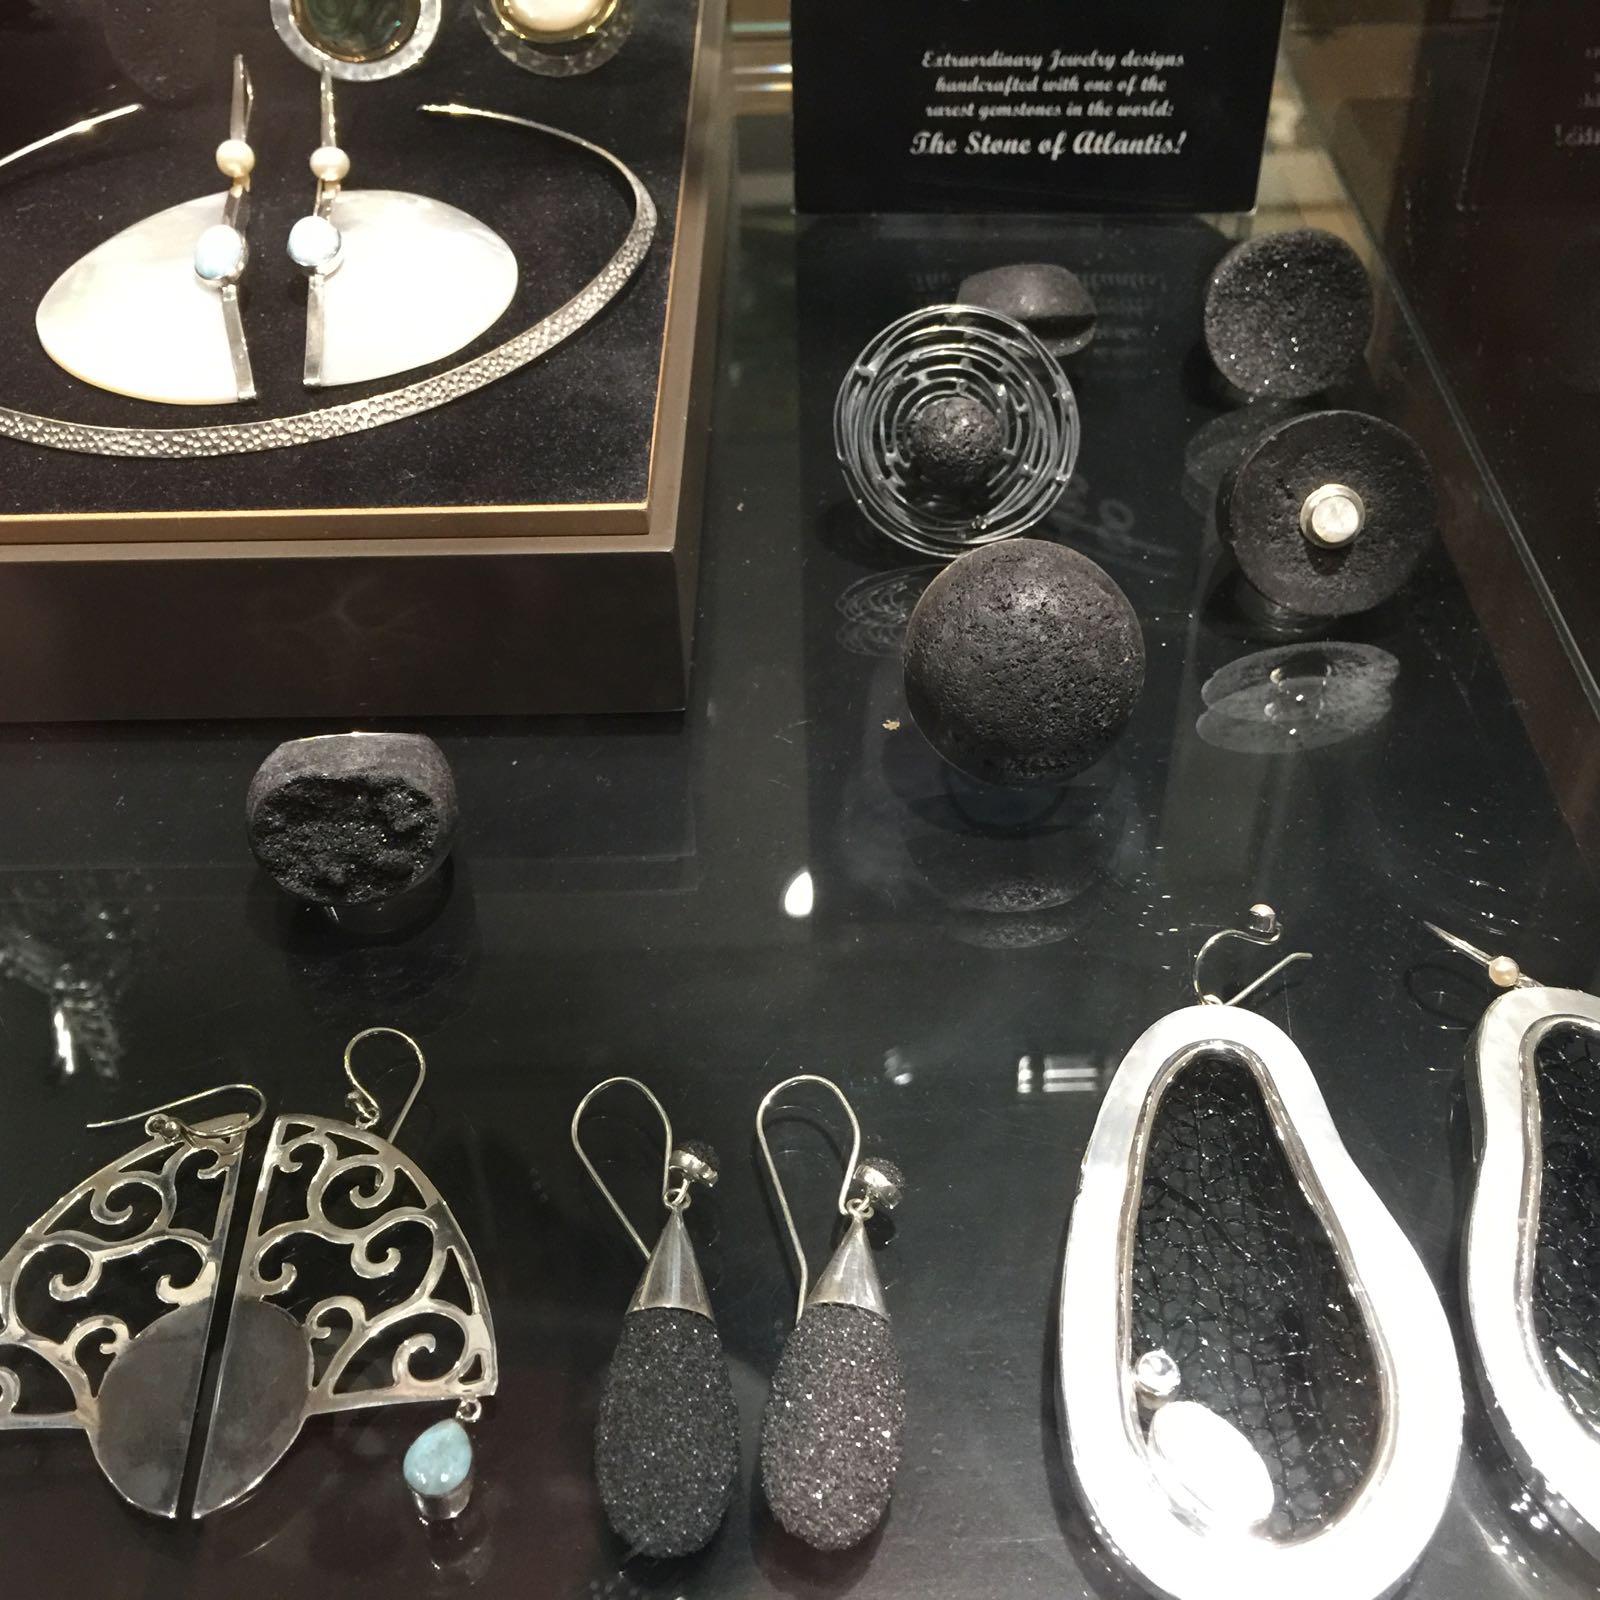 0572061daf82 Mercadillo de joyas en una galería de arte en Madrid